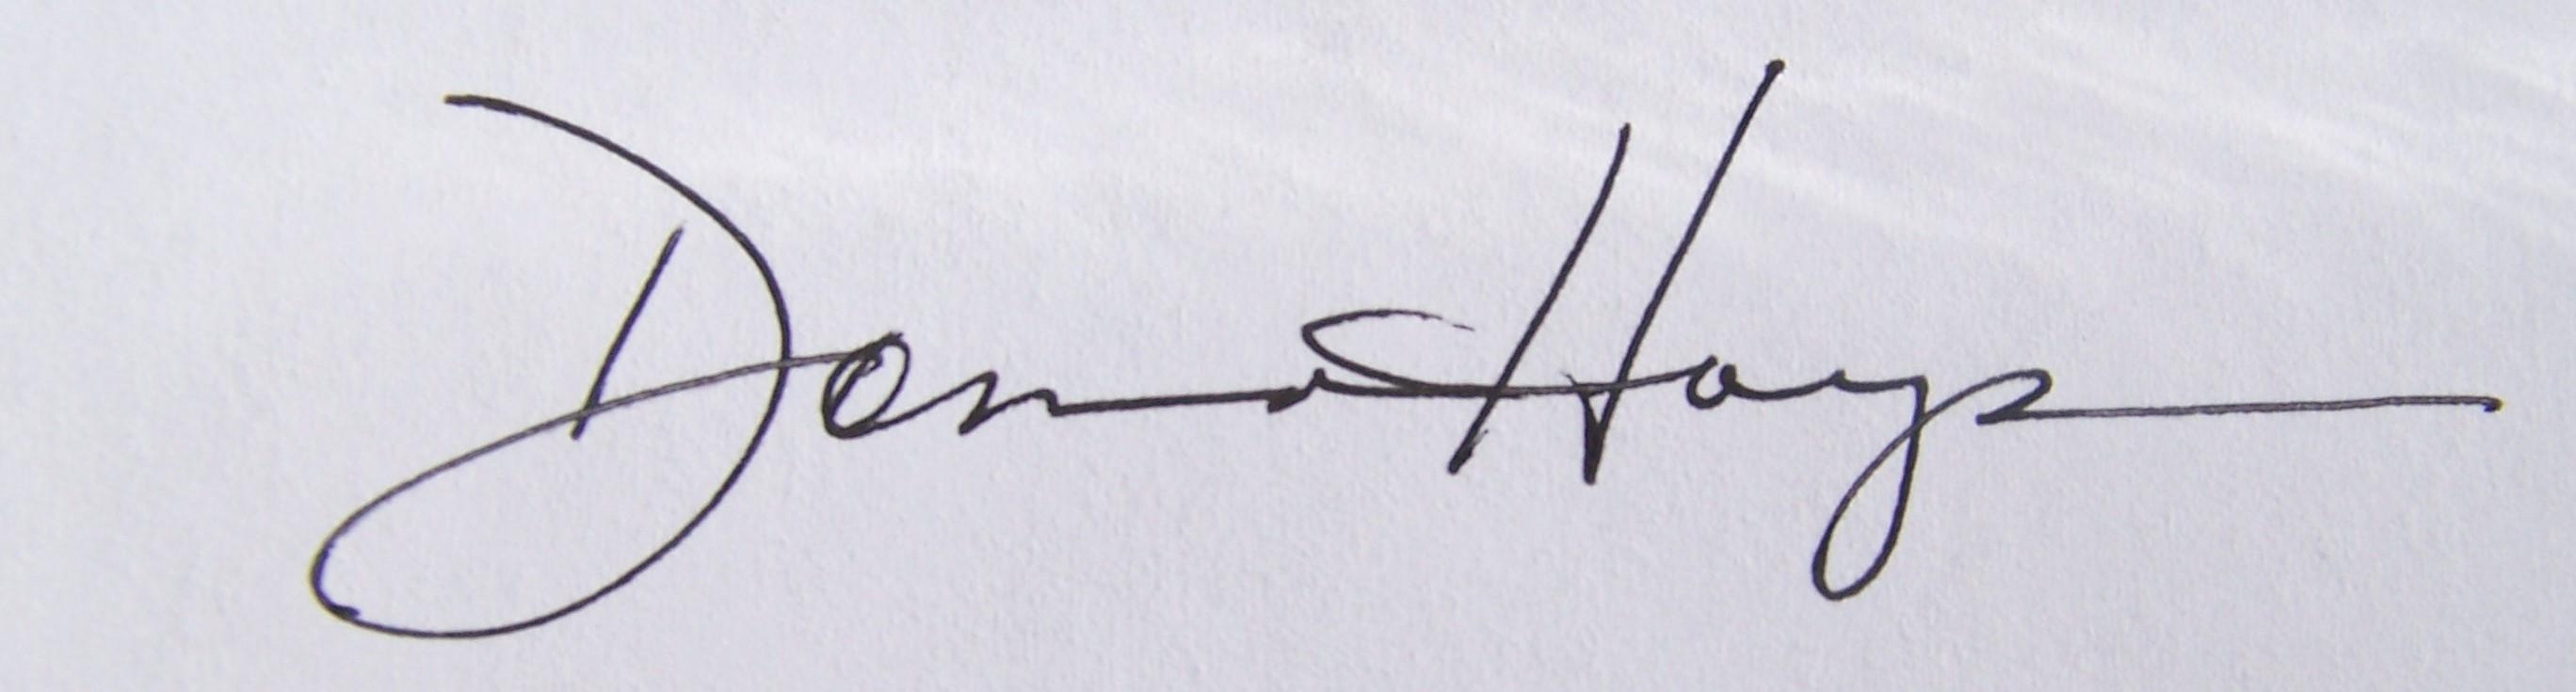 Donna Hays Signature